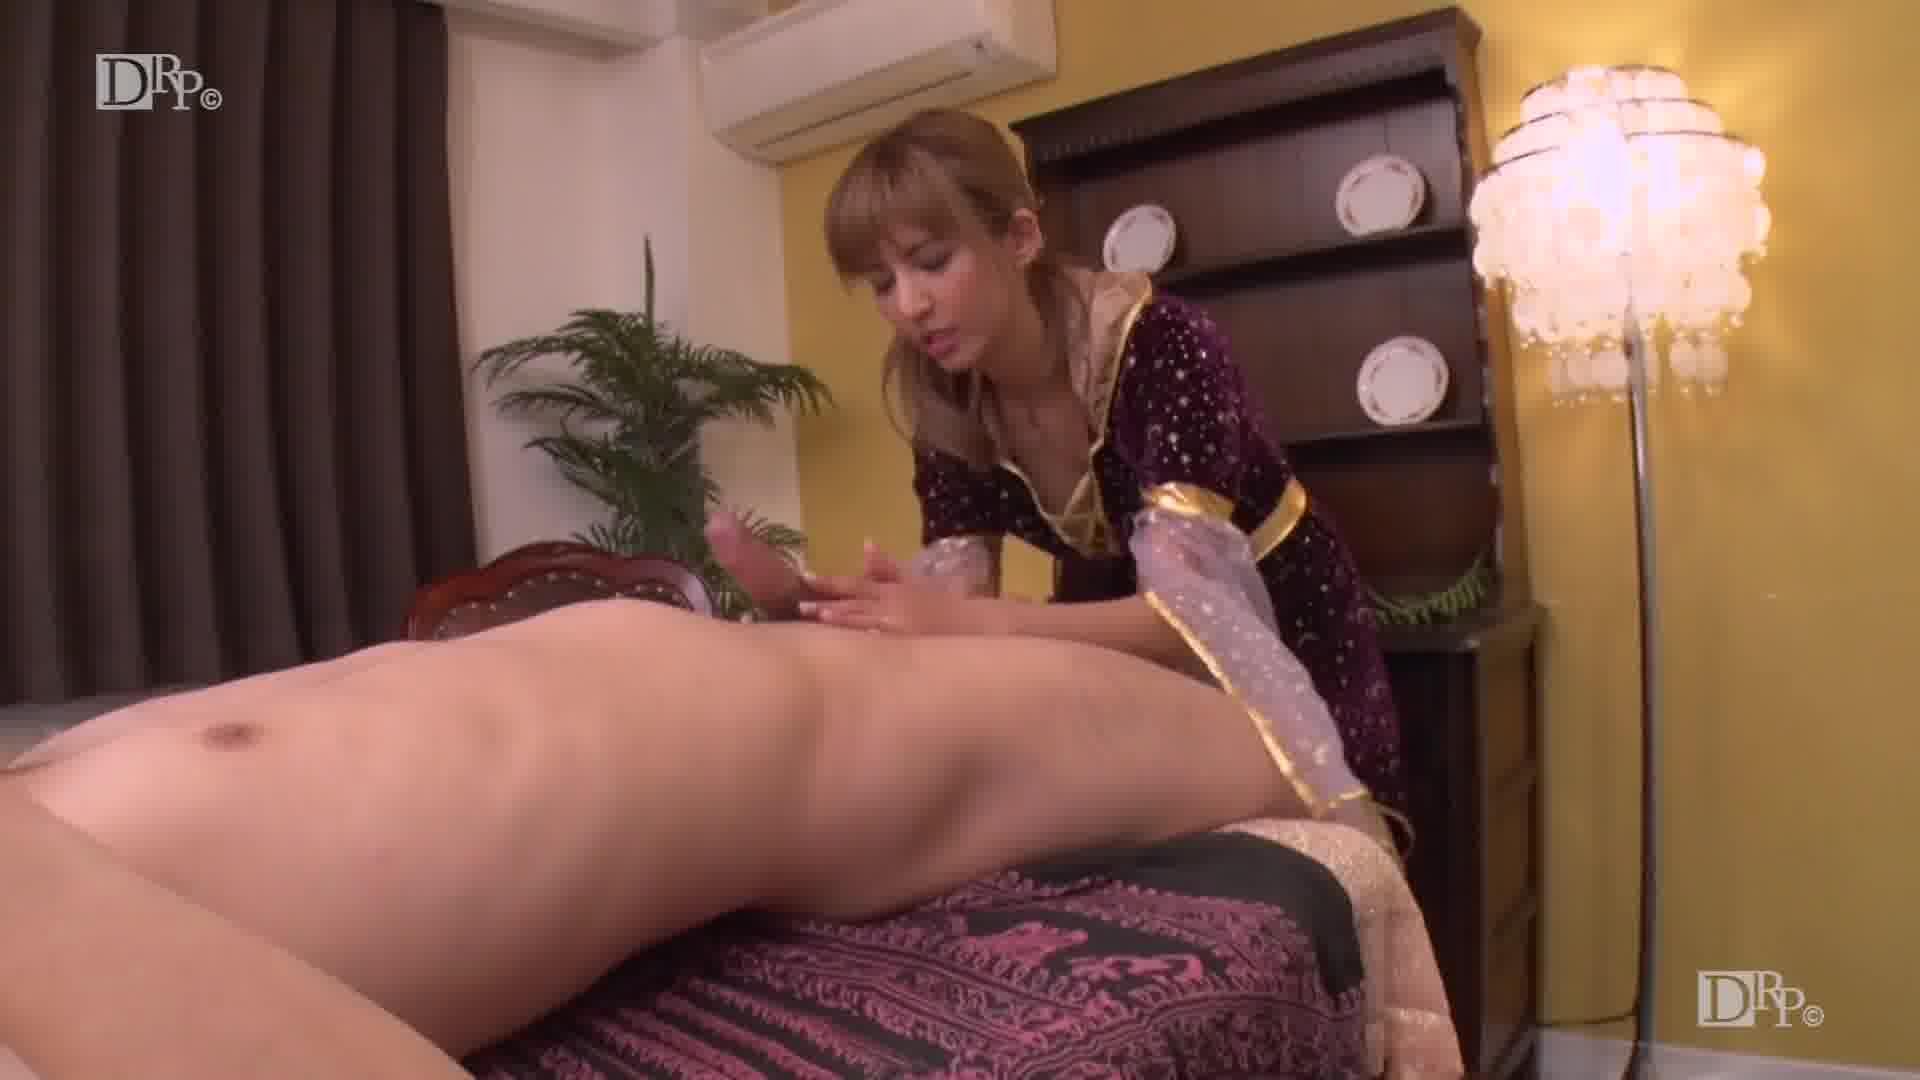 脱・童貞!幸運を招く美女占い師 - 麻生希【痴女・コスプレ・巨乳】